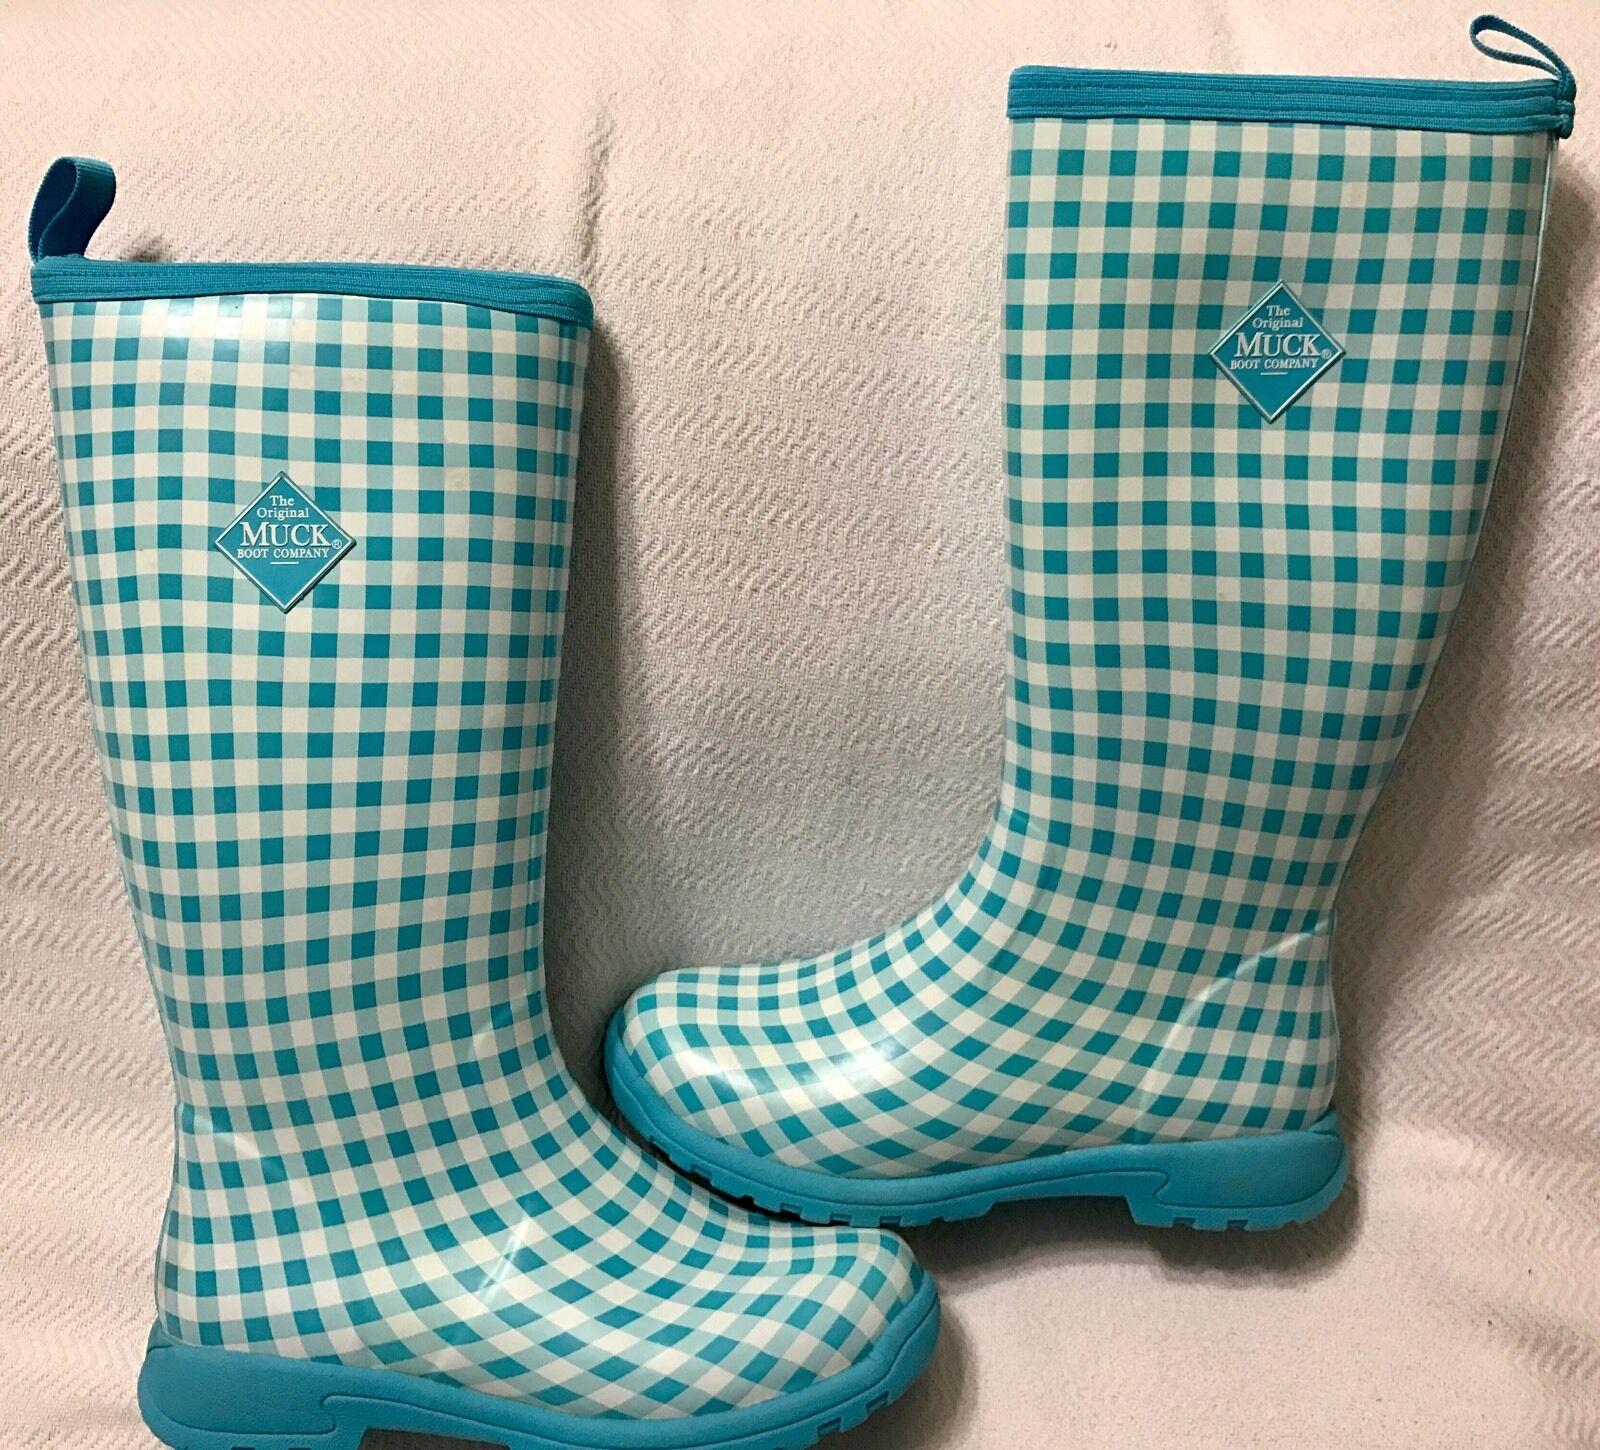 Muck botas para Mujer Breezy alto moña aislado para Lluvia botas moña alto azul Talla 10 48fbae